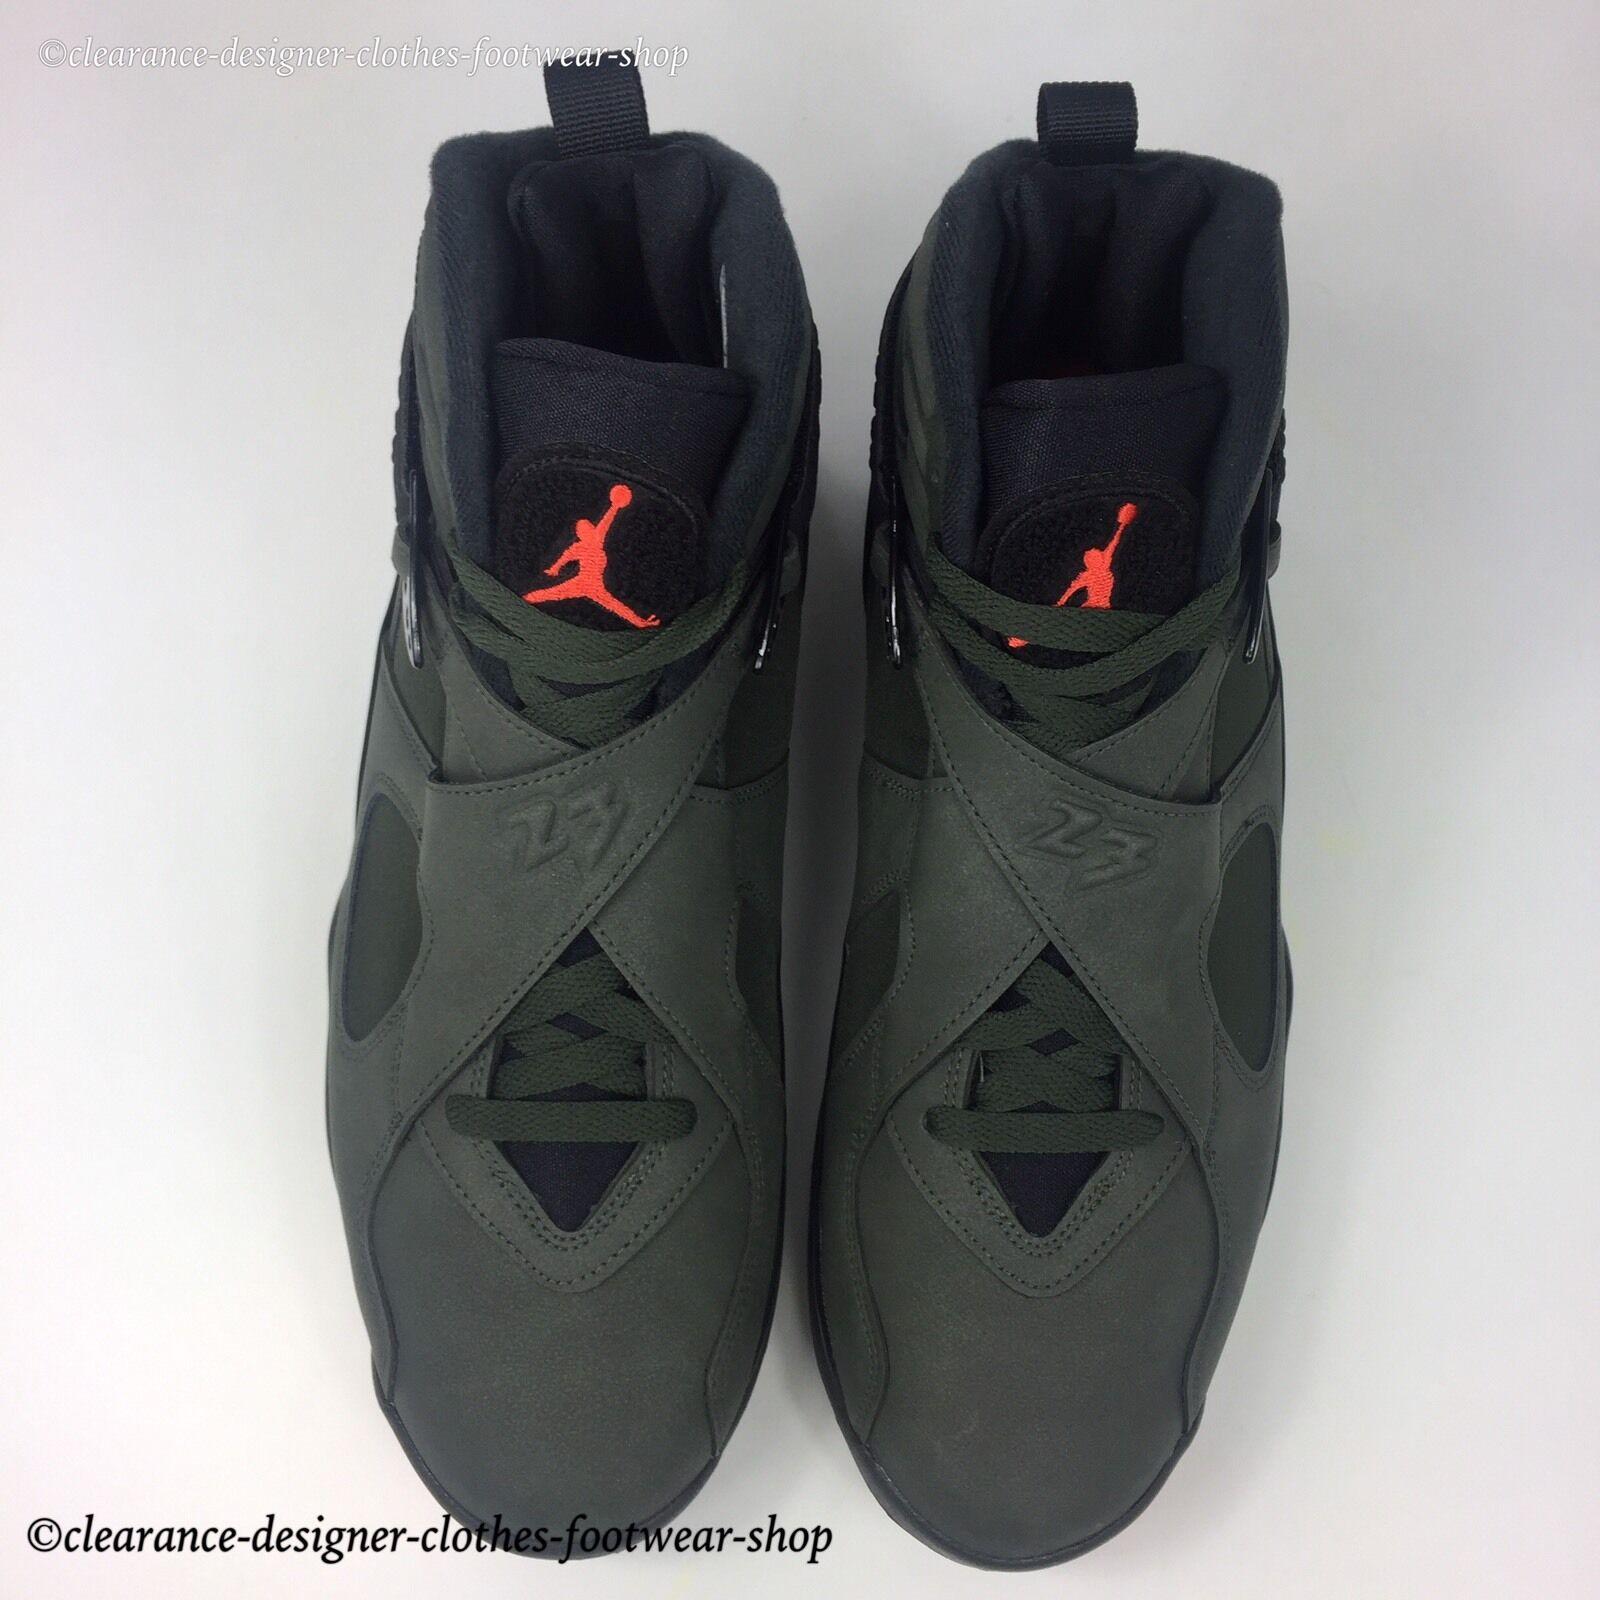 Nike Air Jordan 8 Retro Baskets invaincu Garniture Take 10 Flight Chaussures UK 10 Take 4e0c66